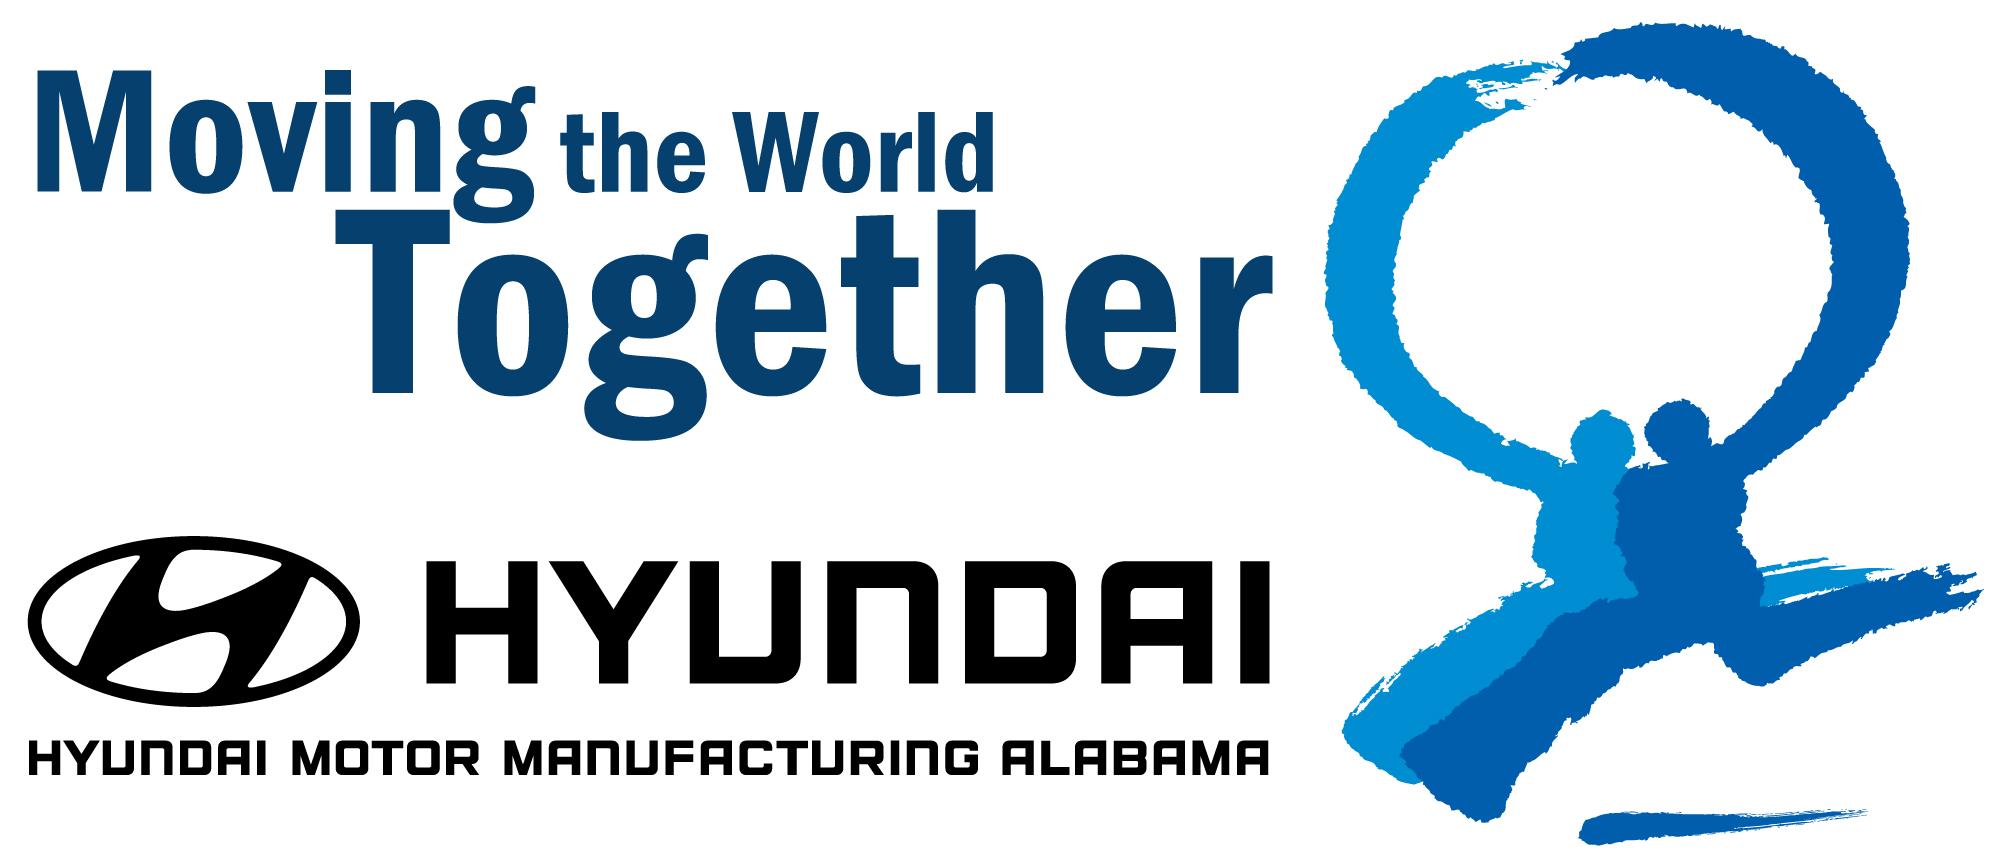 Social responsibility hyundai motor manufacturing for History of hyundai motor company